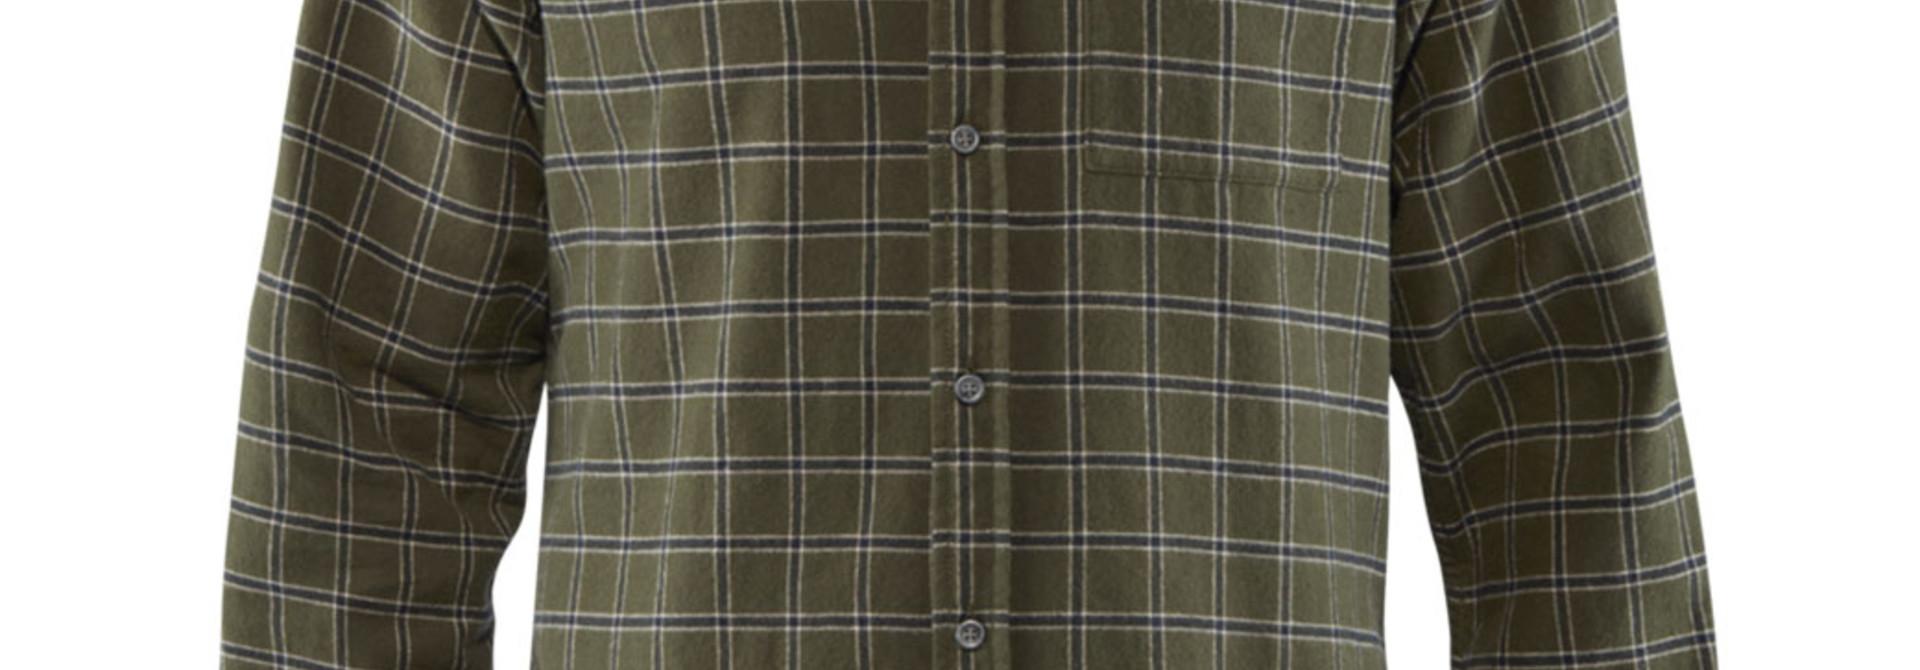 Fjällräven Övik Flannel Shirt M Deep Forest